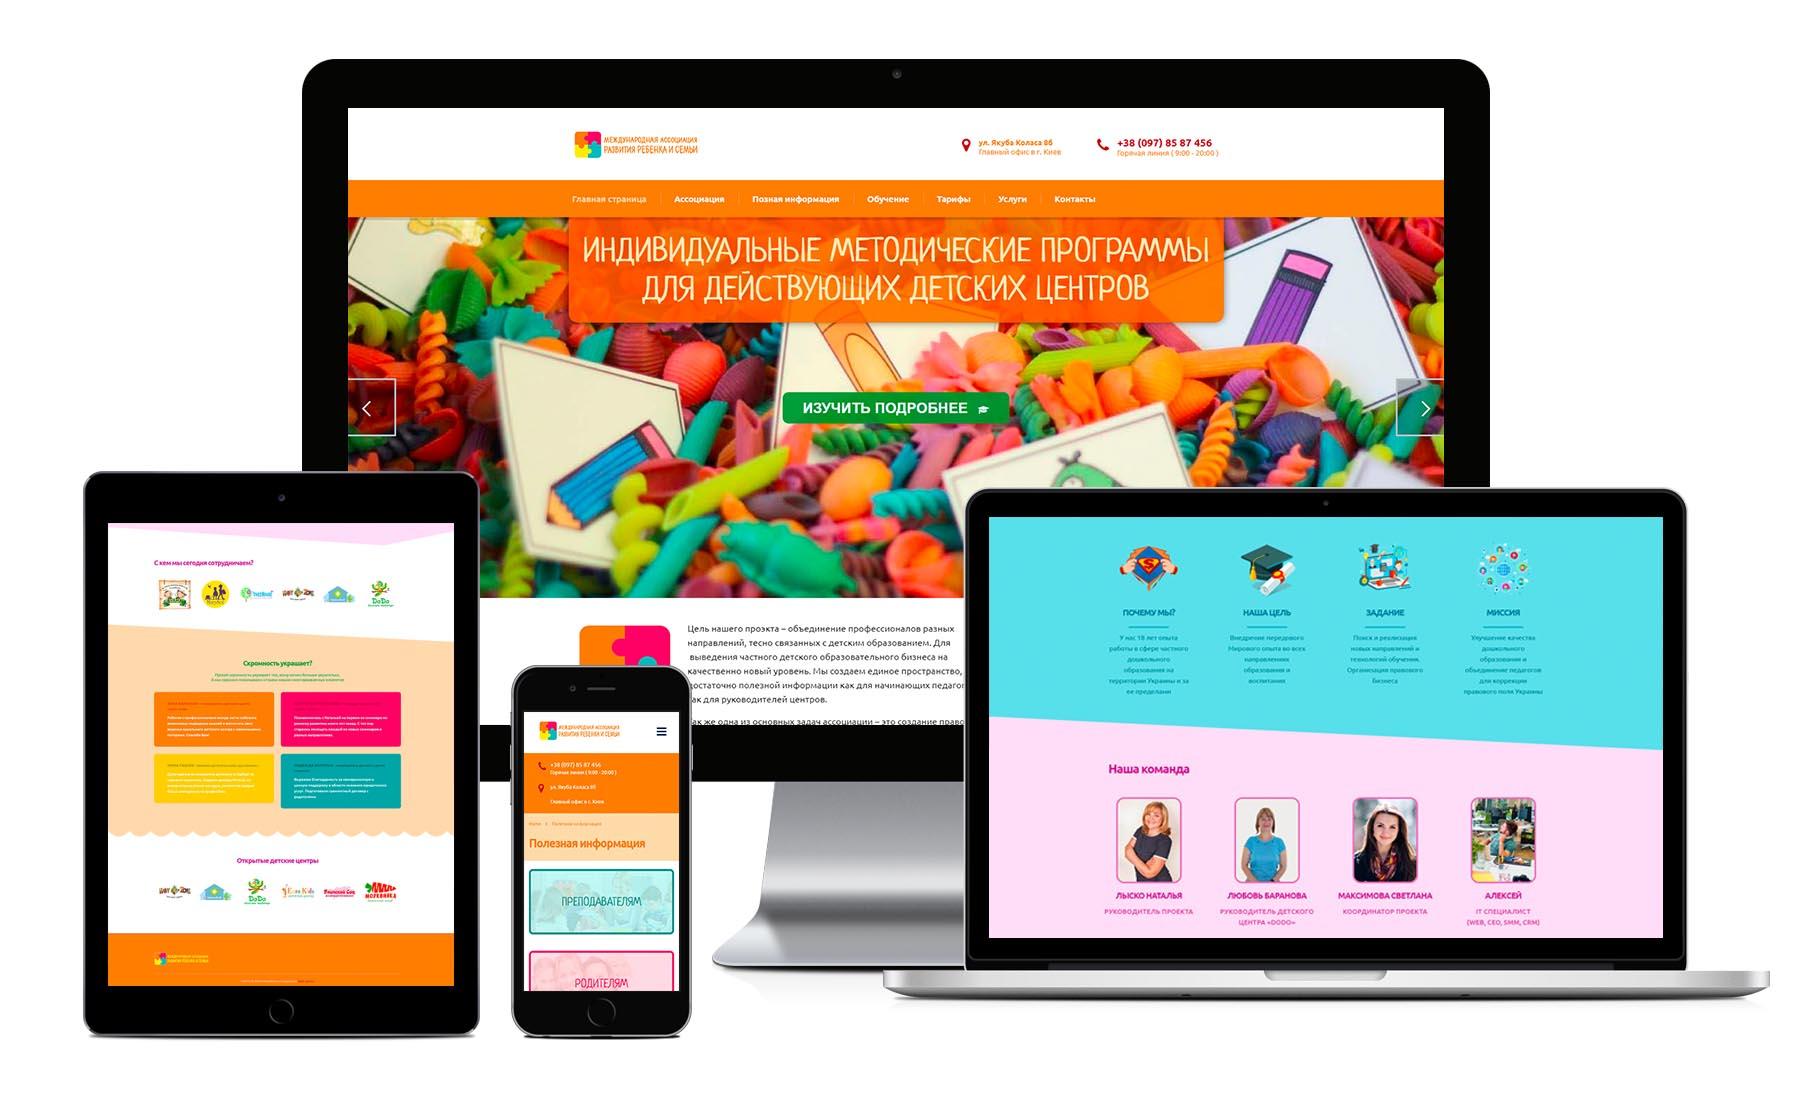 пример сайта международной академии развития ребенка и семьи - адаптивный дизайн